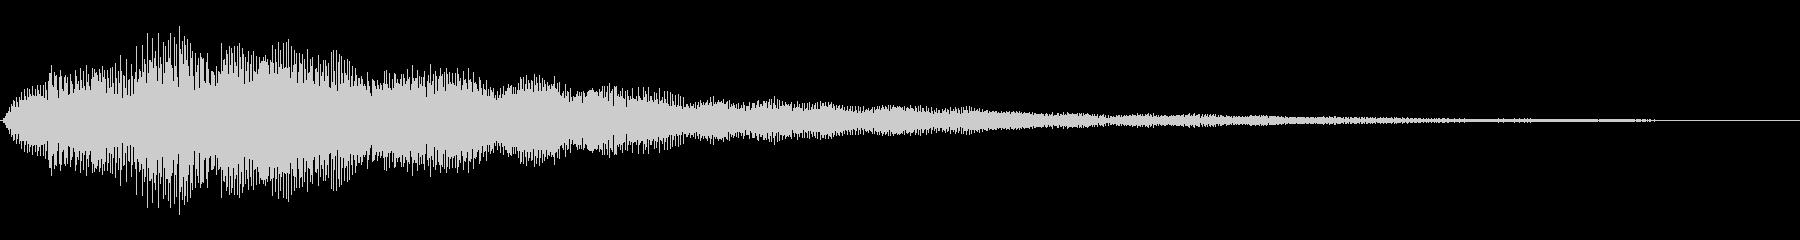 キラキラ(絵本/お知らせ/場面転換)の未再生の波形